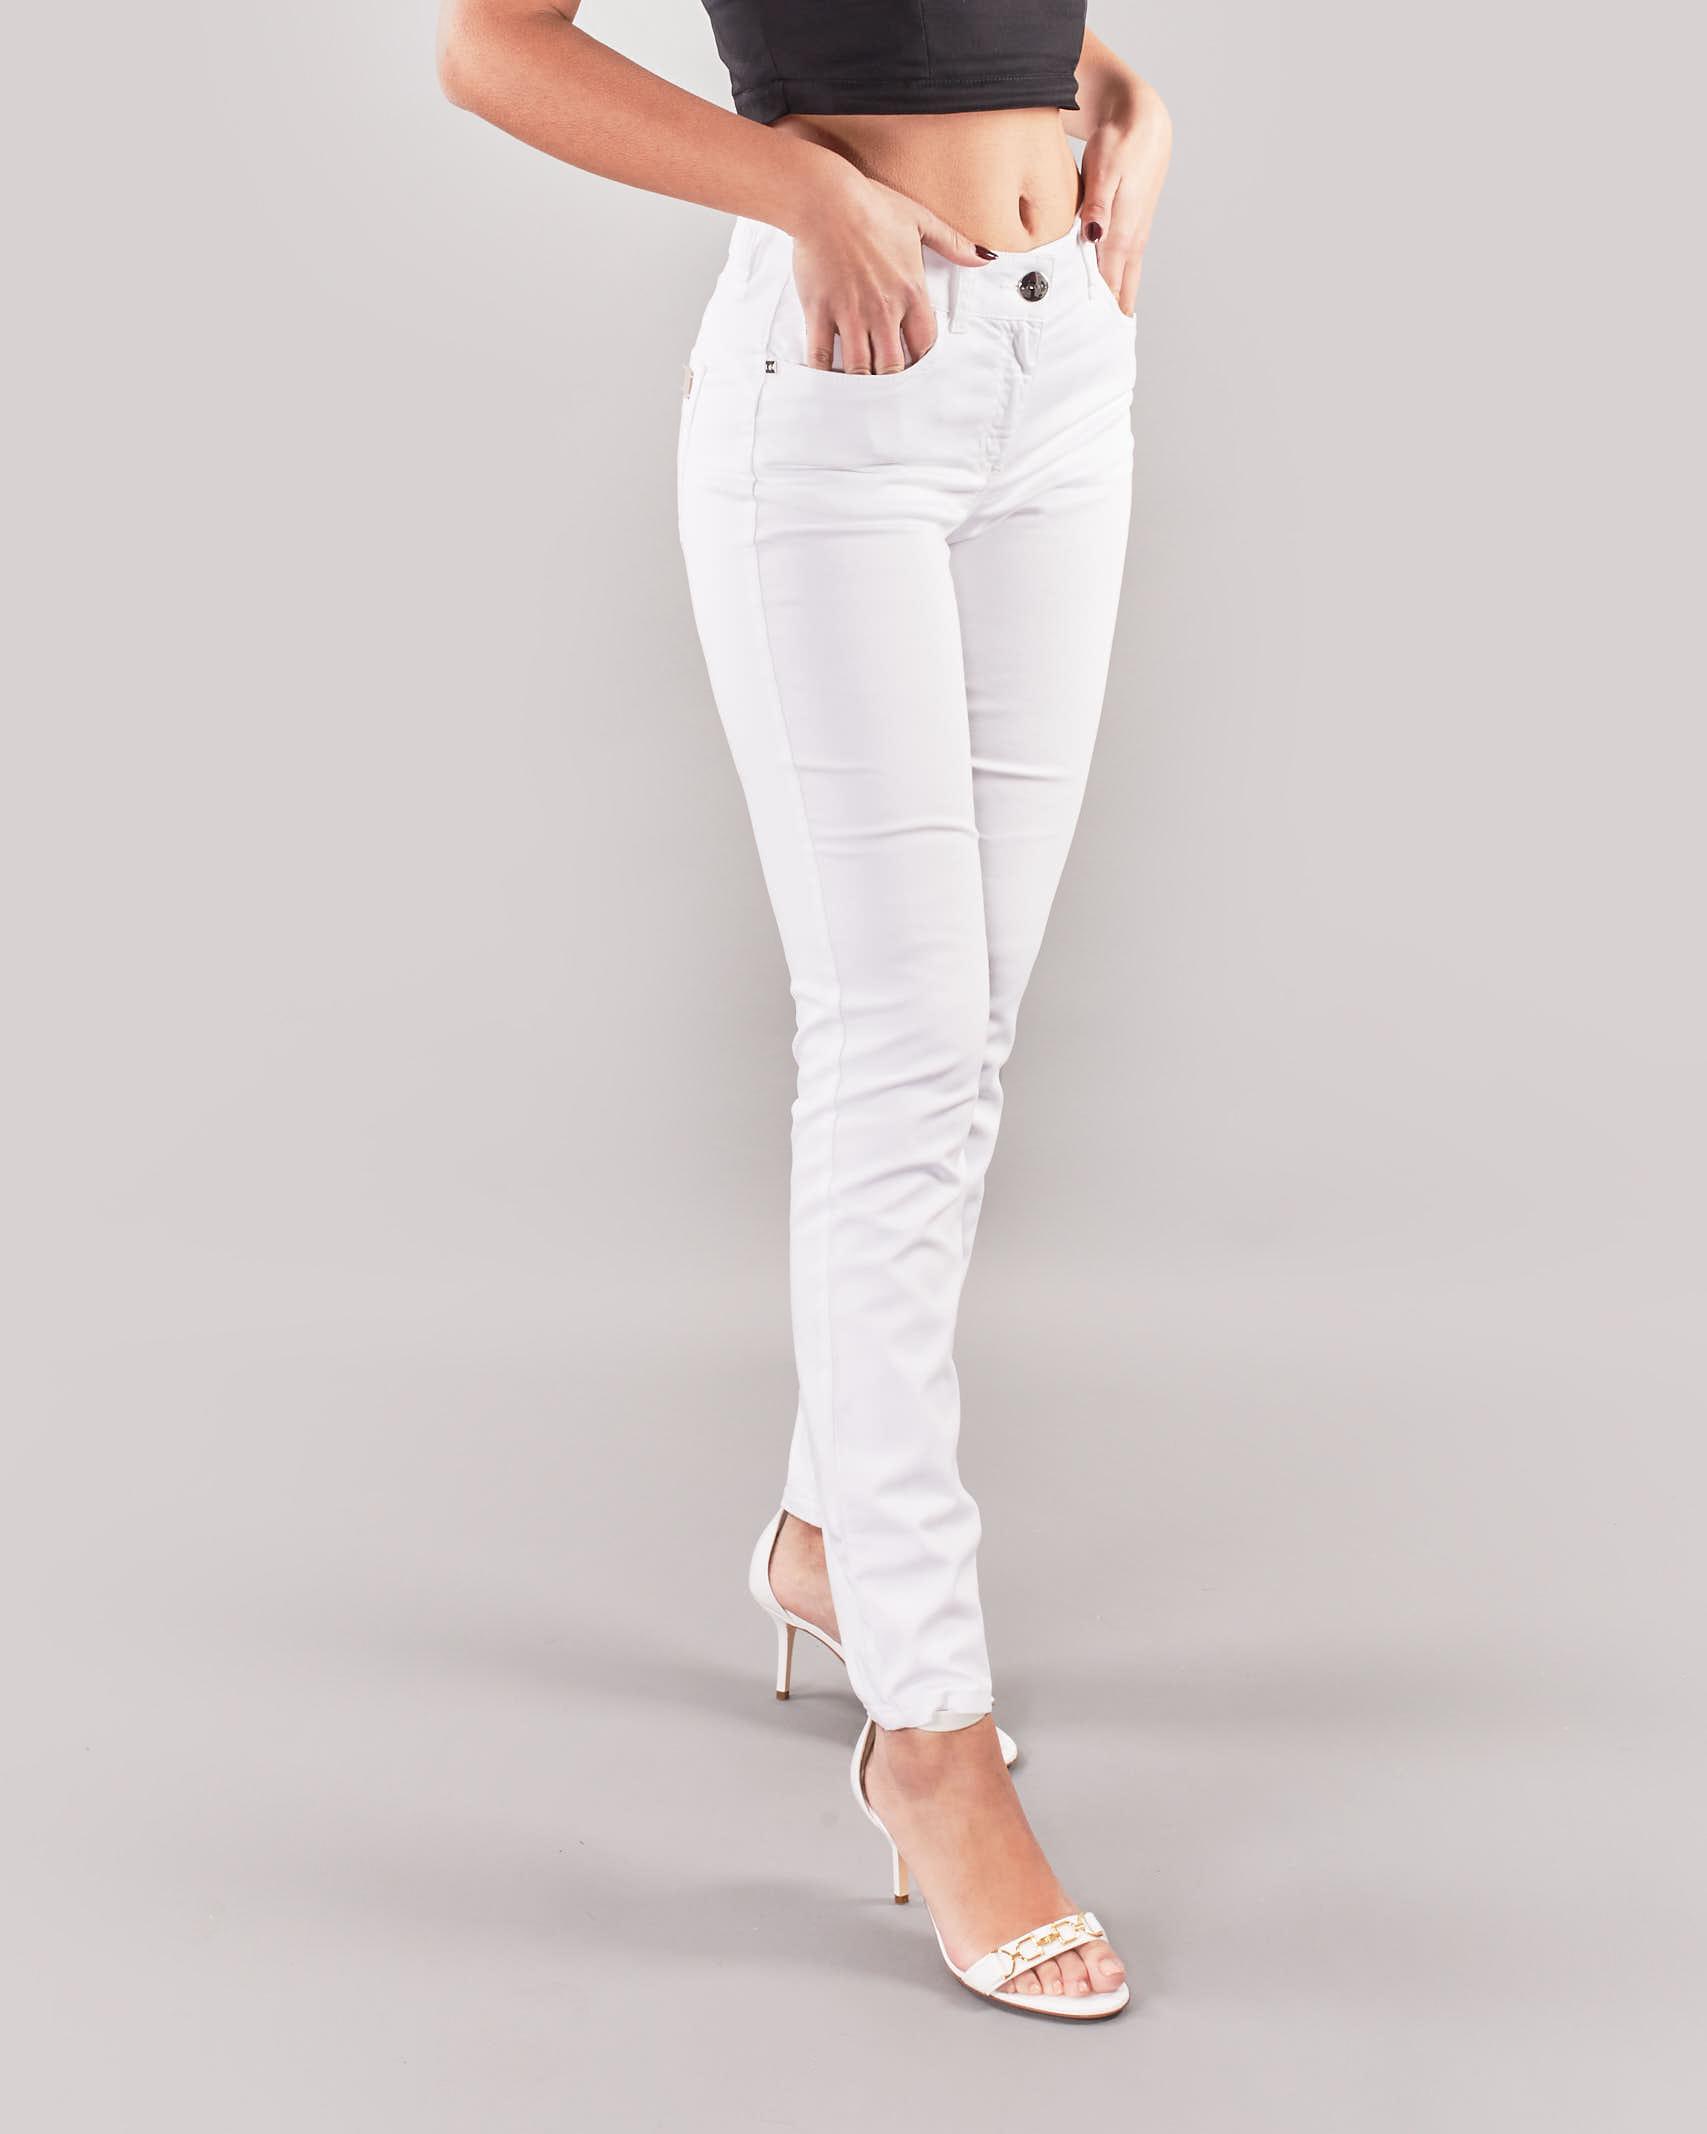 Jeans in denim Nenette NENETTE | Jeans | SIMPOSIO7